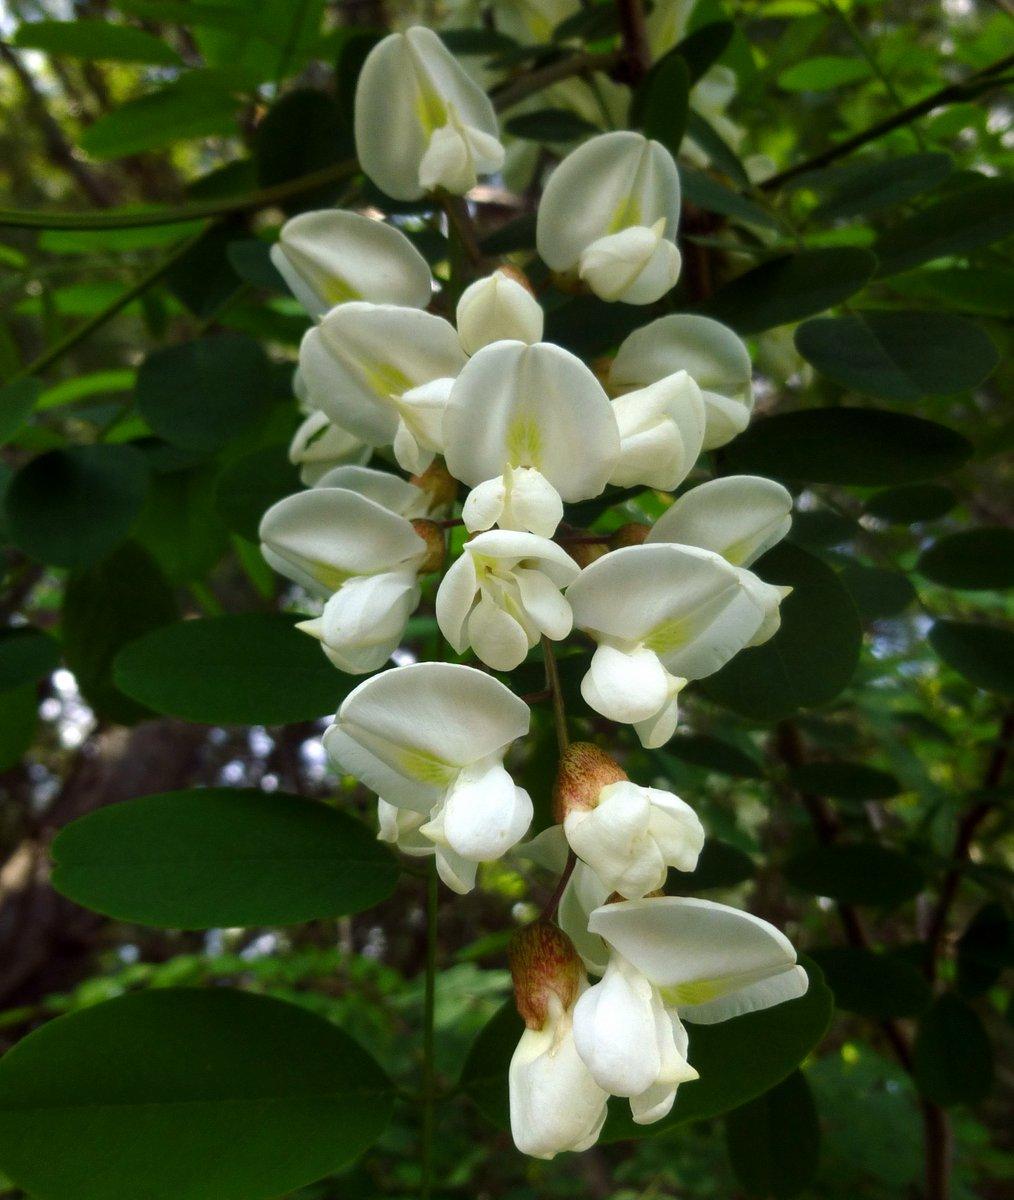 10. Black Locust Blossoms